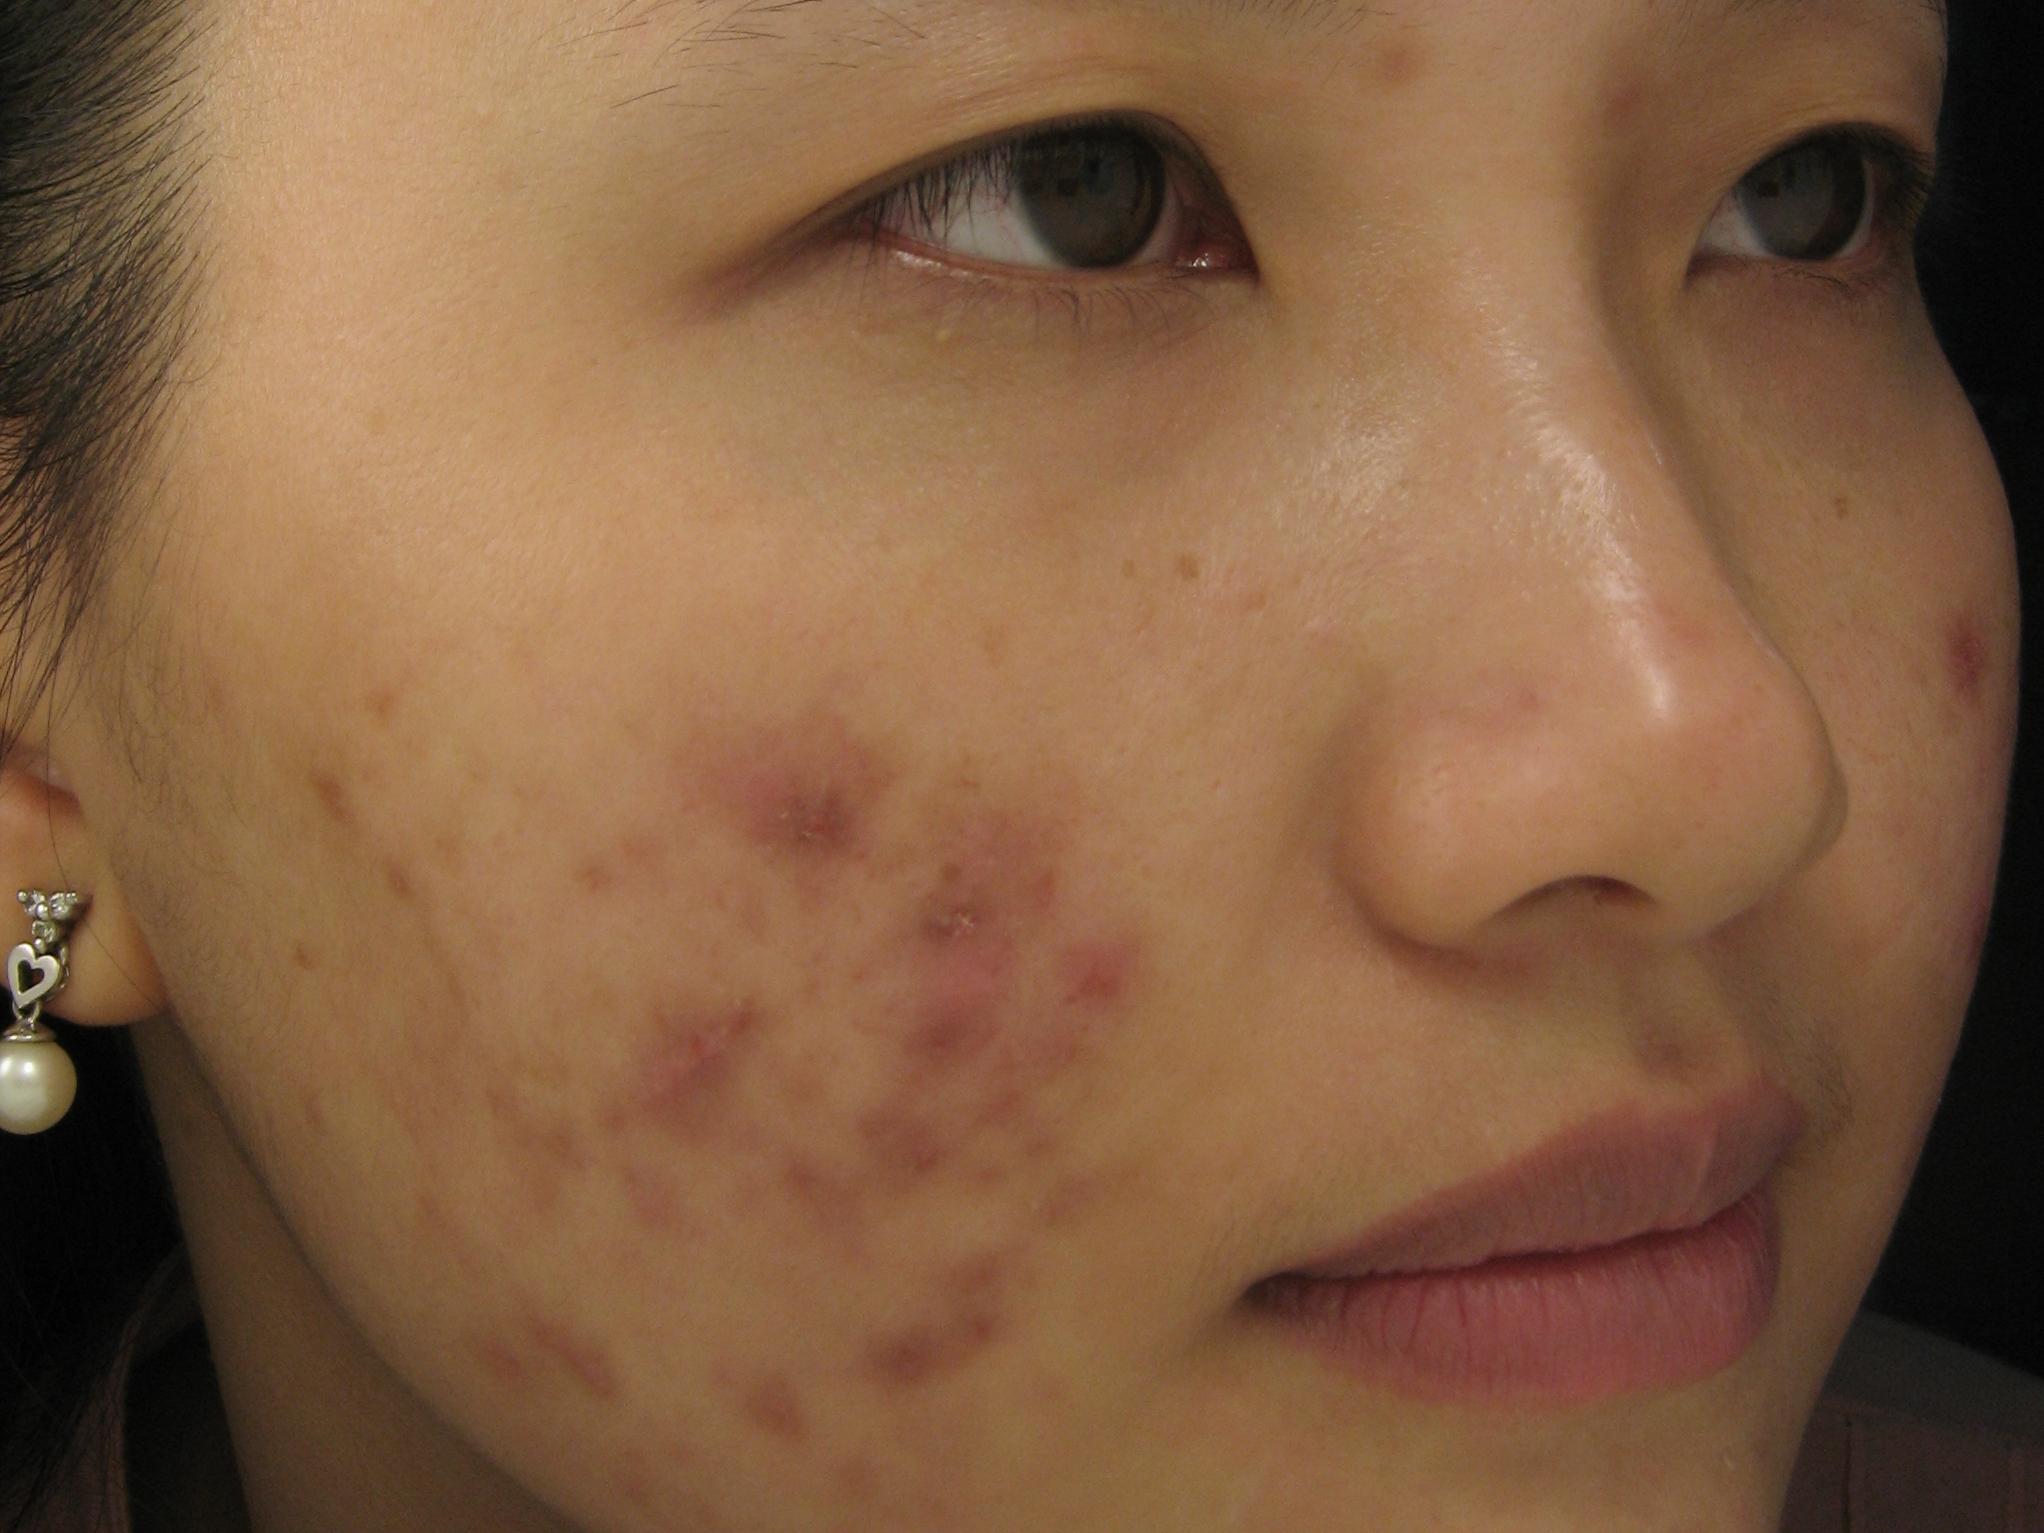 Có cách trị sẹo do mụn nhanh - hiệu quả triệt để nhất không? 5